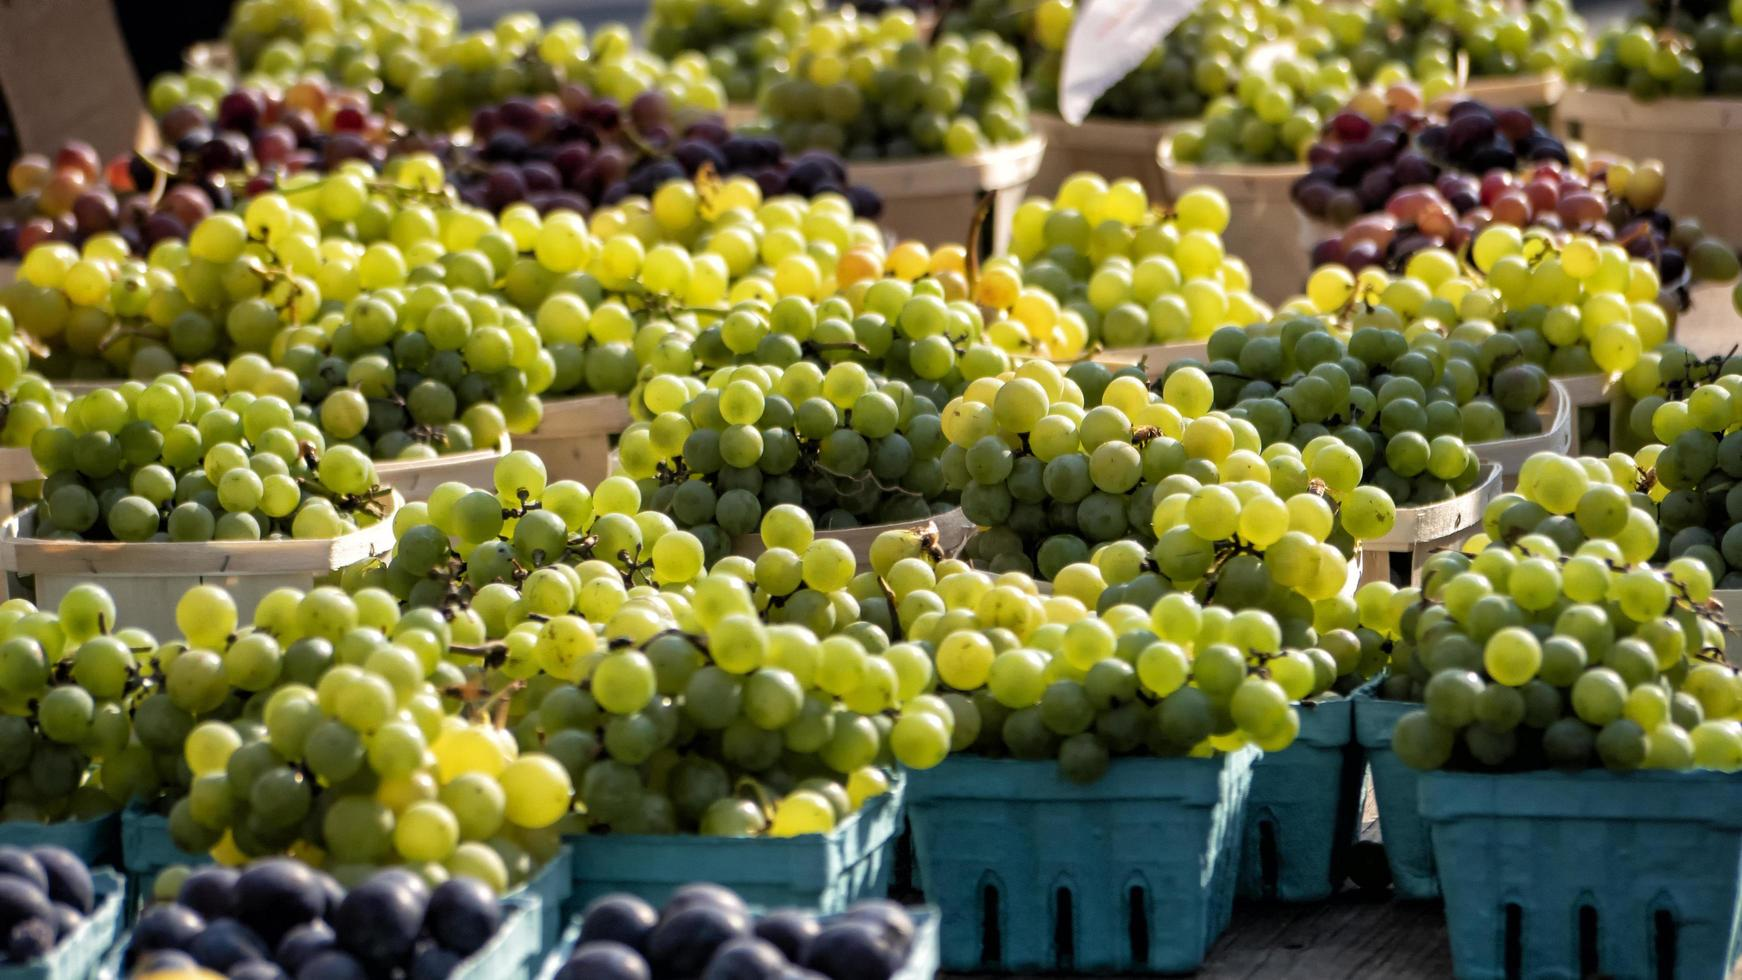 olika färger av druvor till salu på marknaden foto